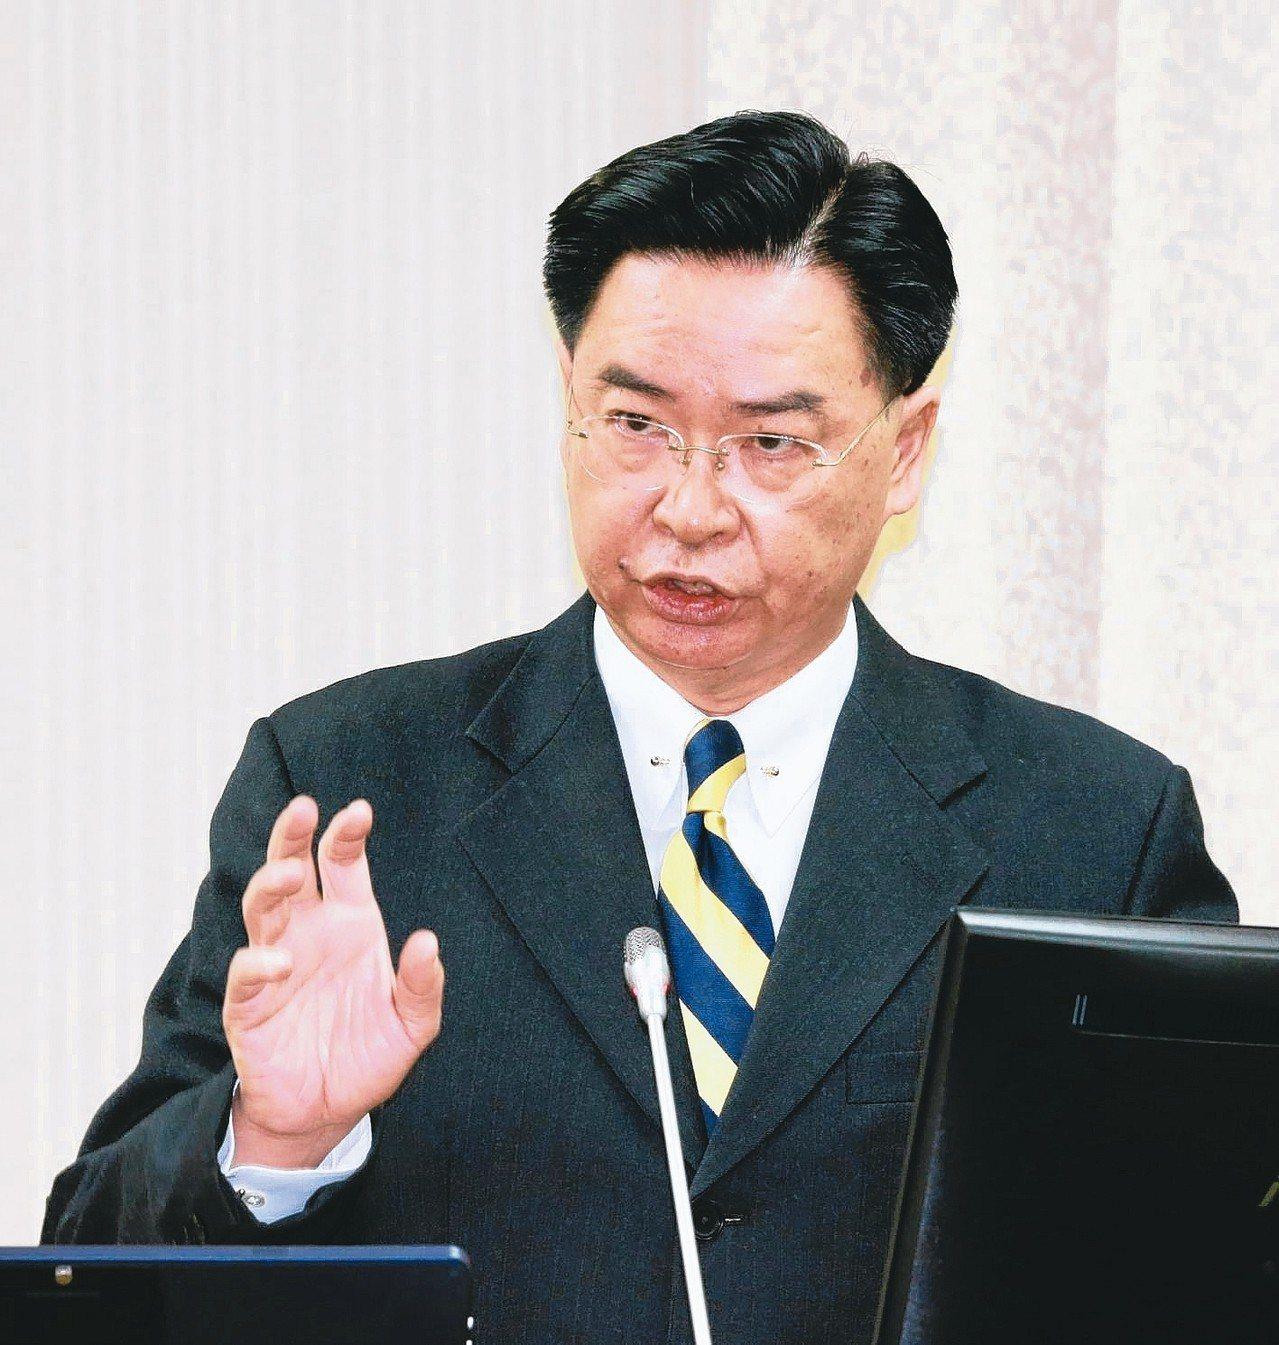 外交部長吳釗燮上午在立法院國防外交委員會,談到缺席世衛疫苗會議時表示,如果事事都...